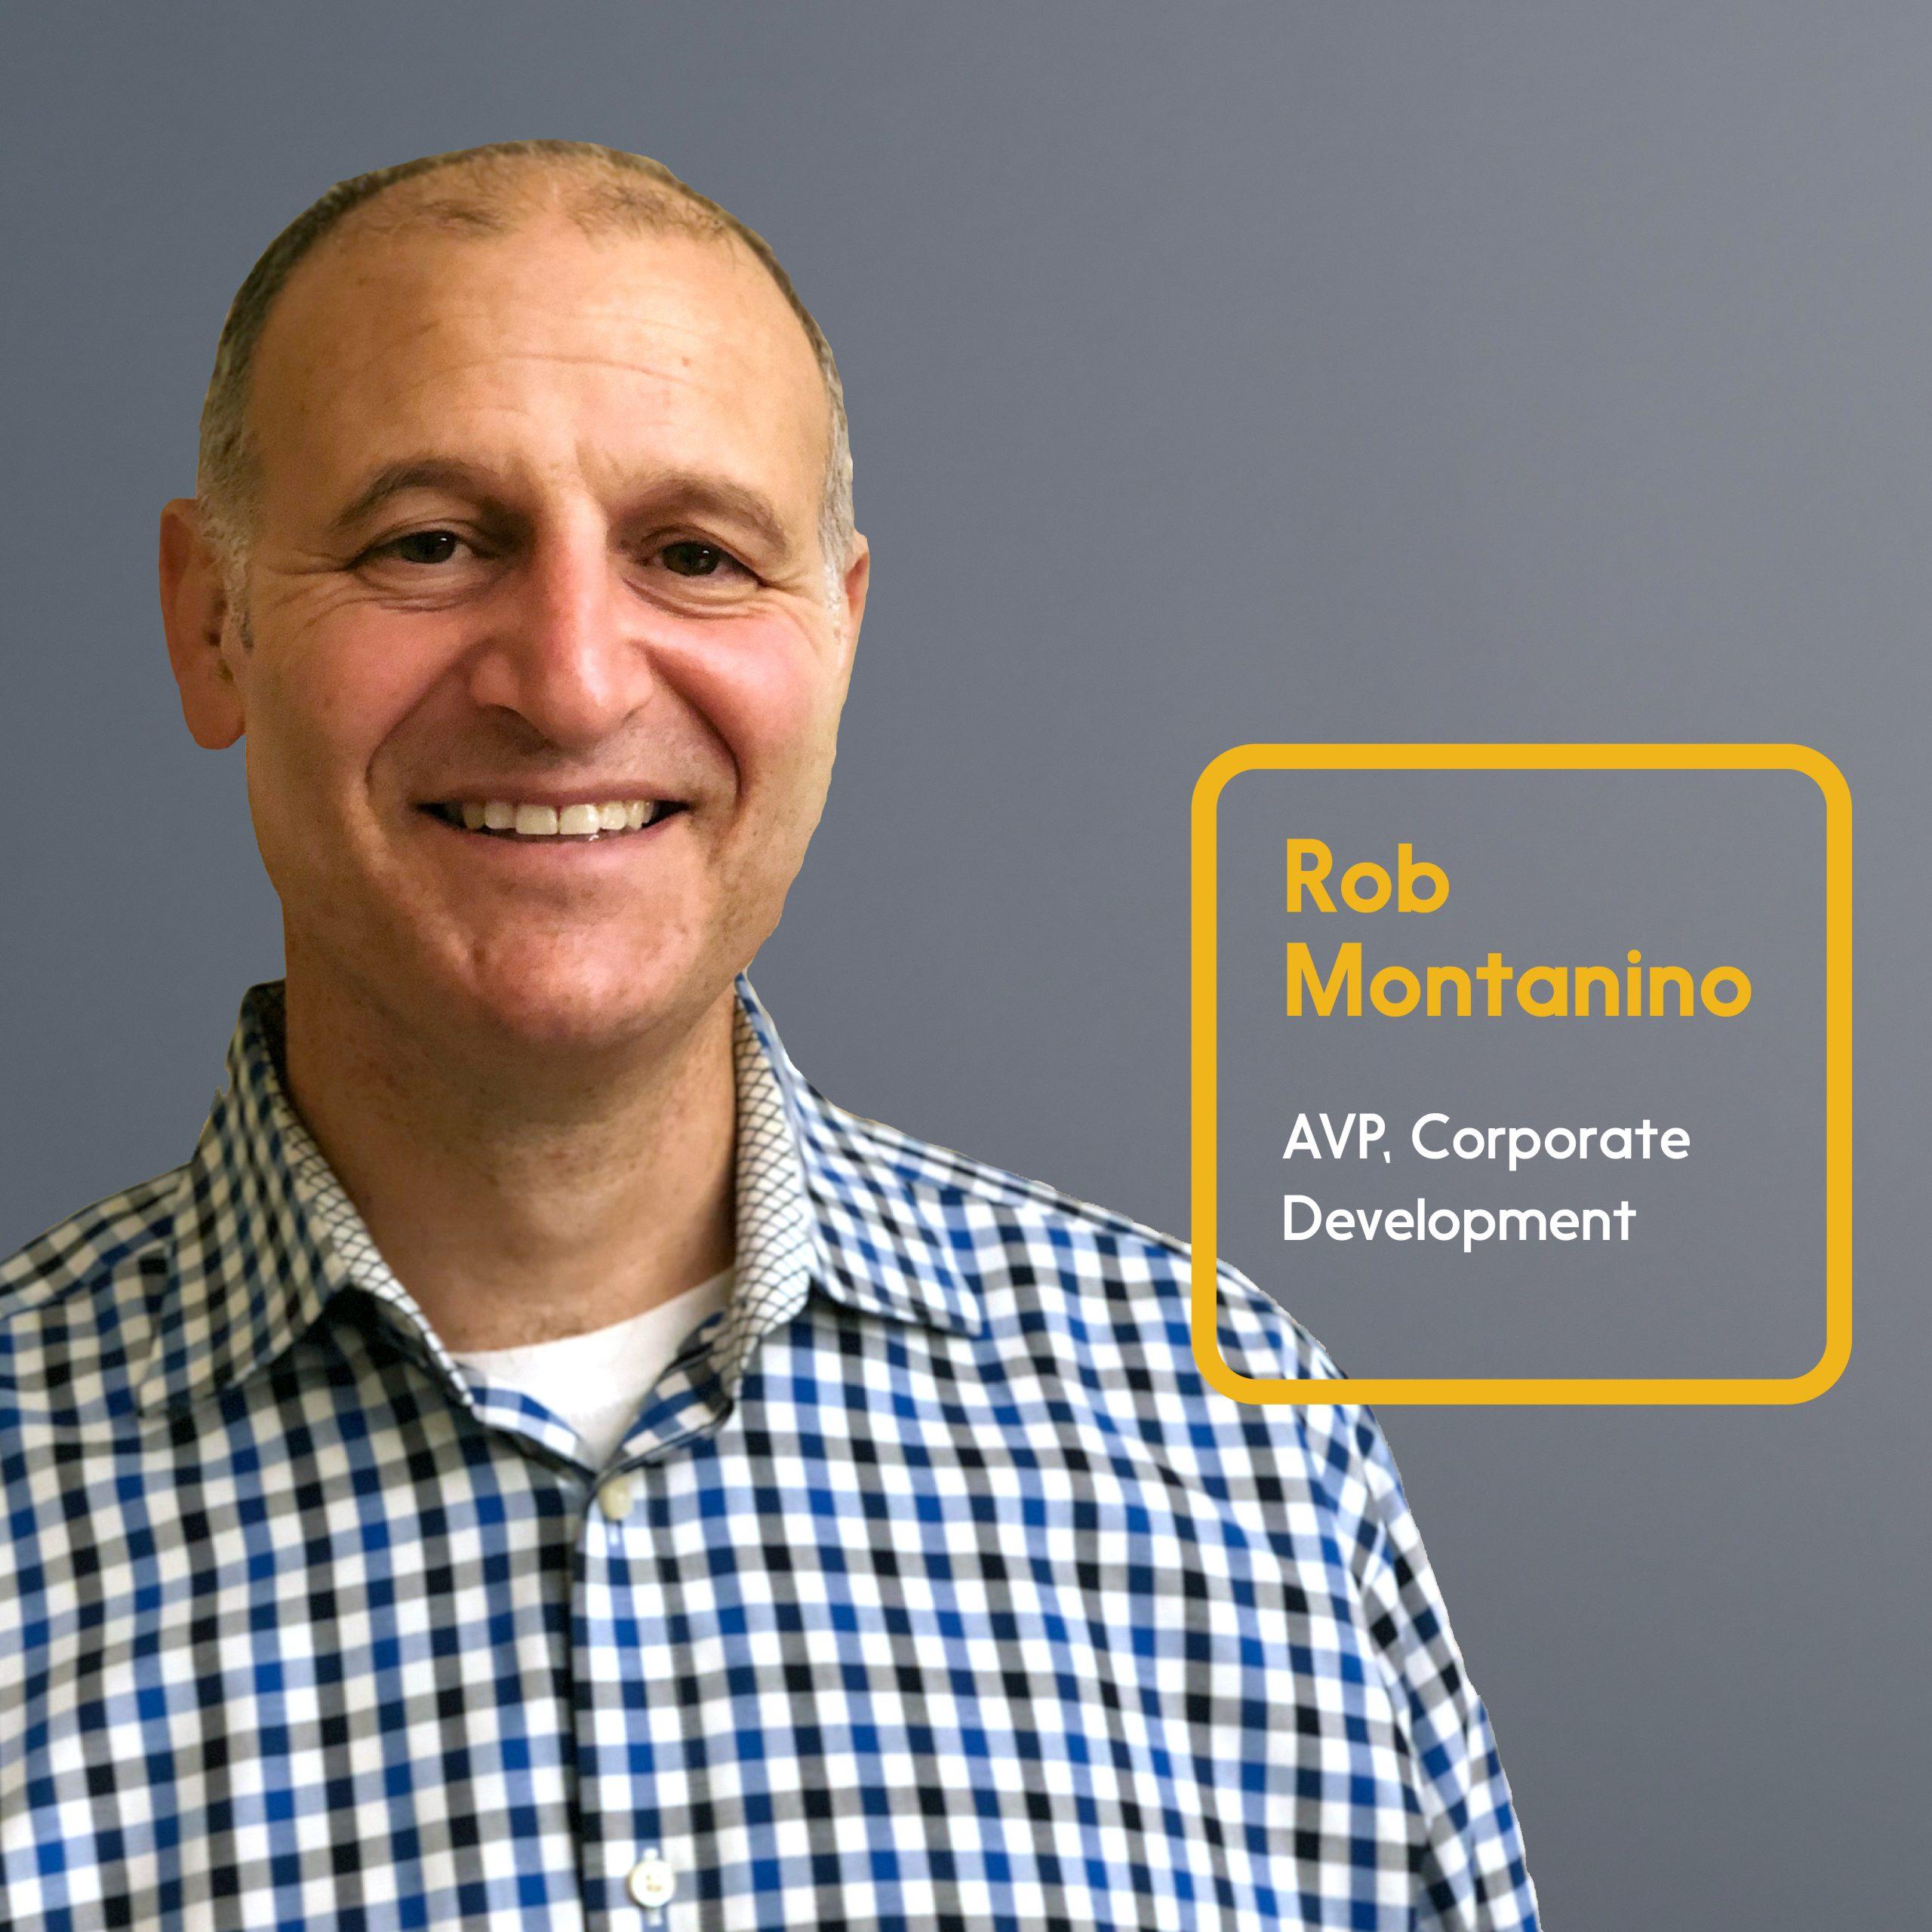 Rob Montanino